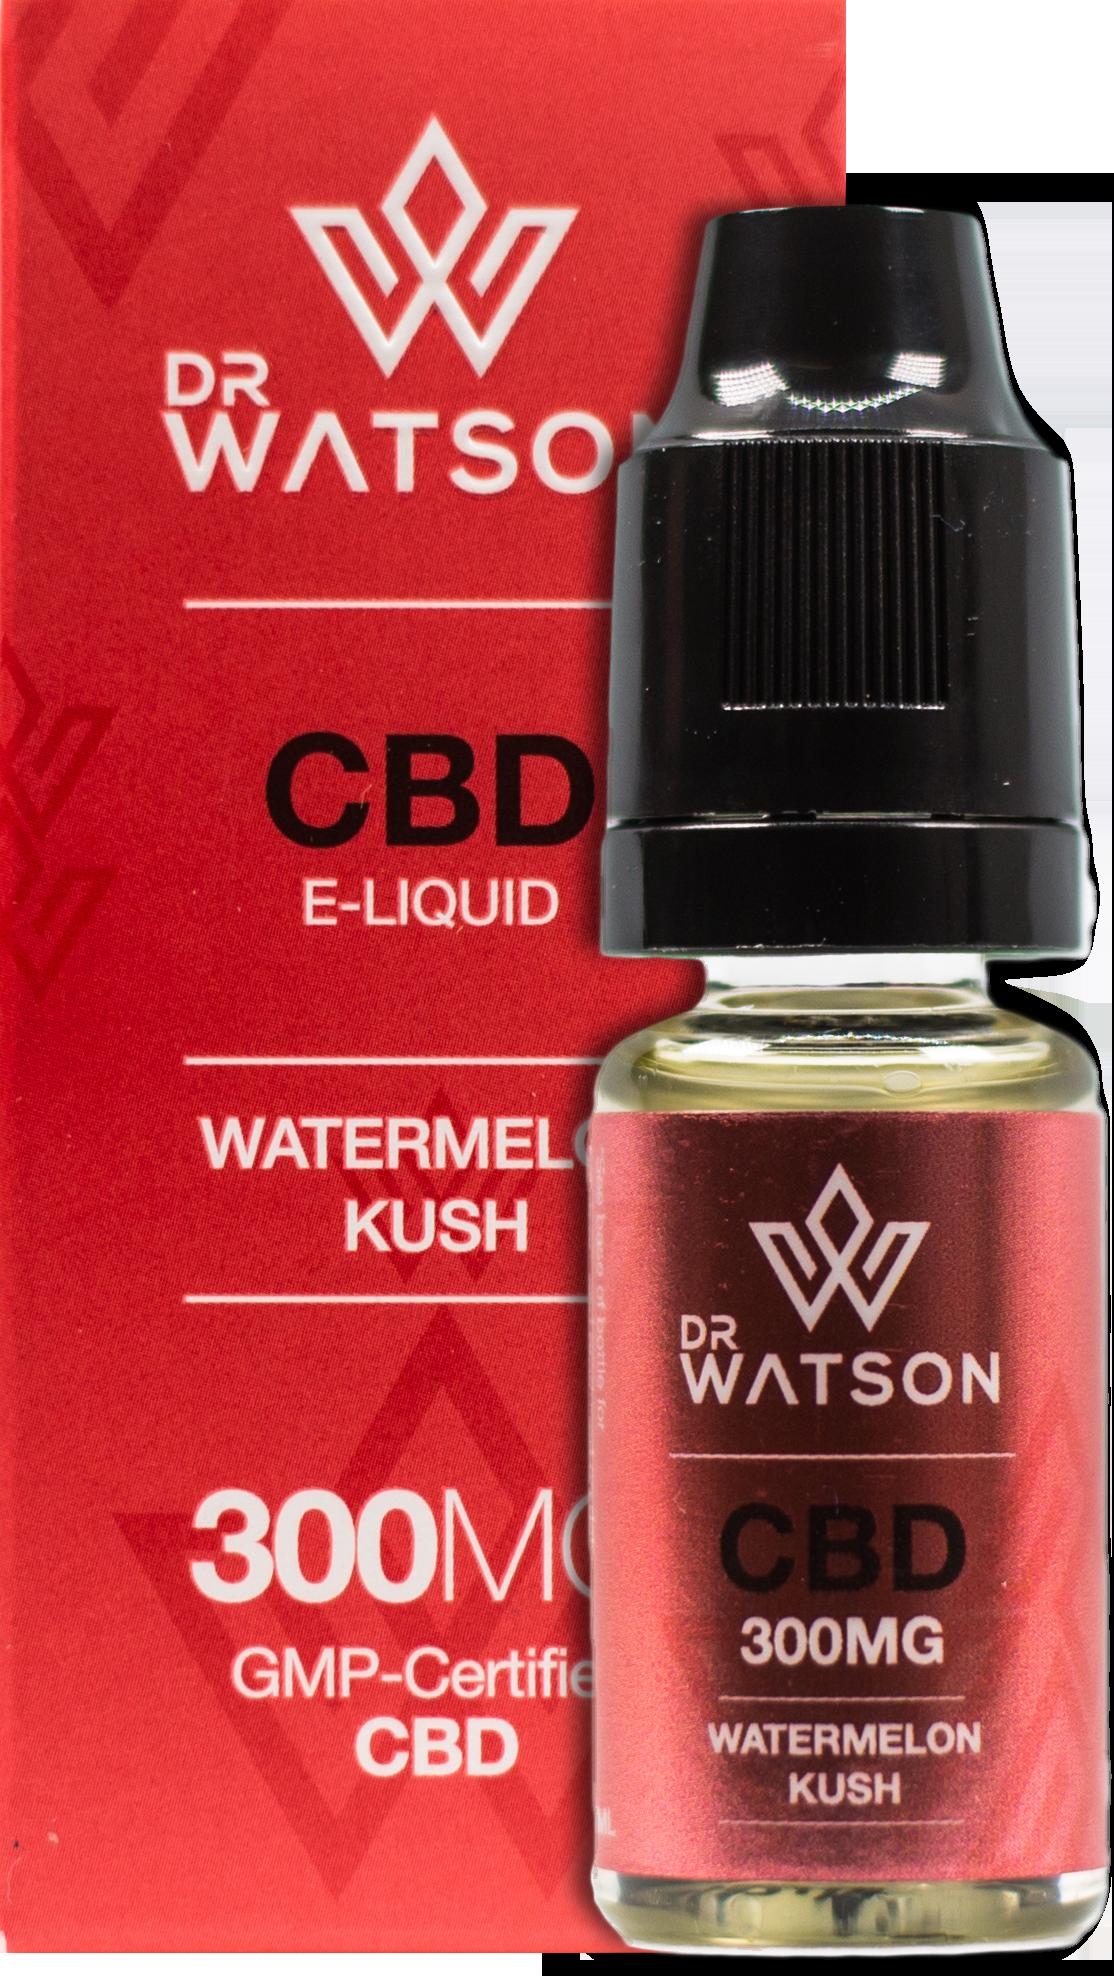 Watermelon Kush E-Liquids